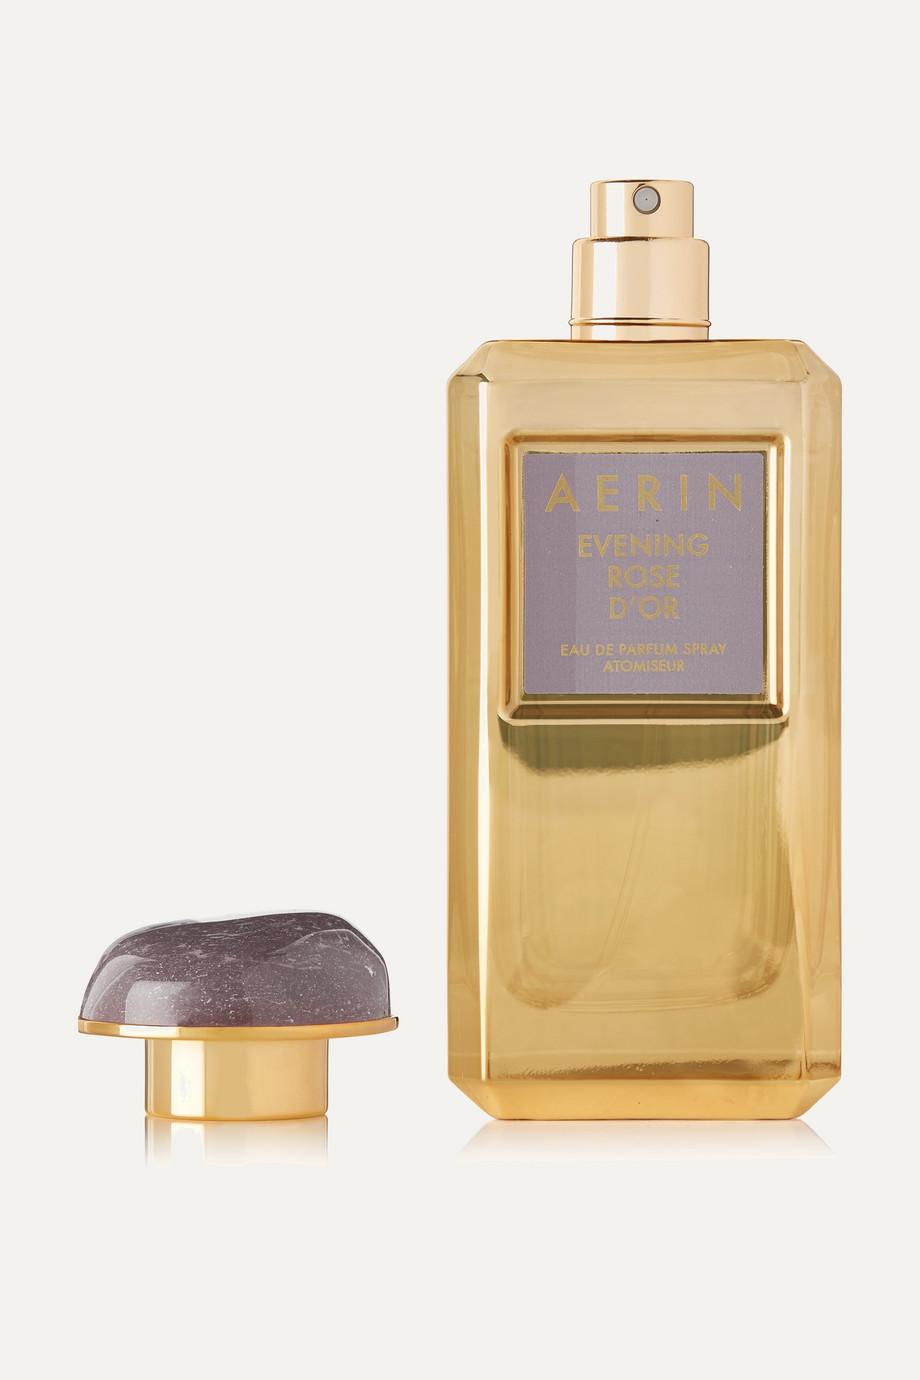 AERIN Beauty Evening Rose d'Or, 100 ml – Eau de Parfum